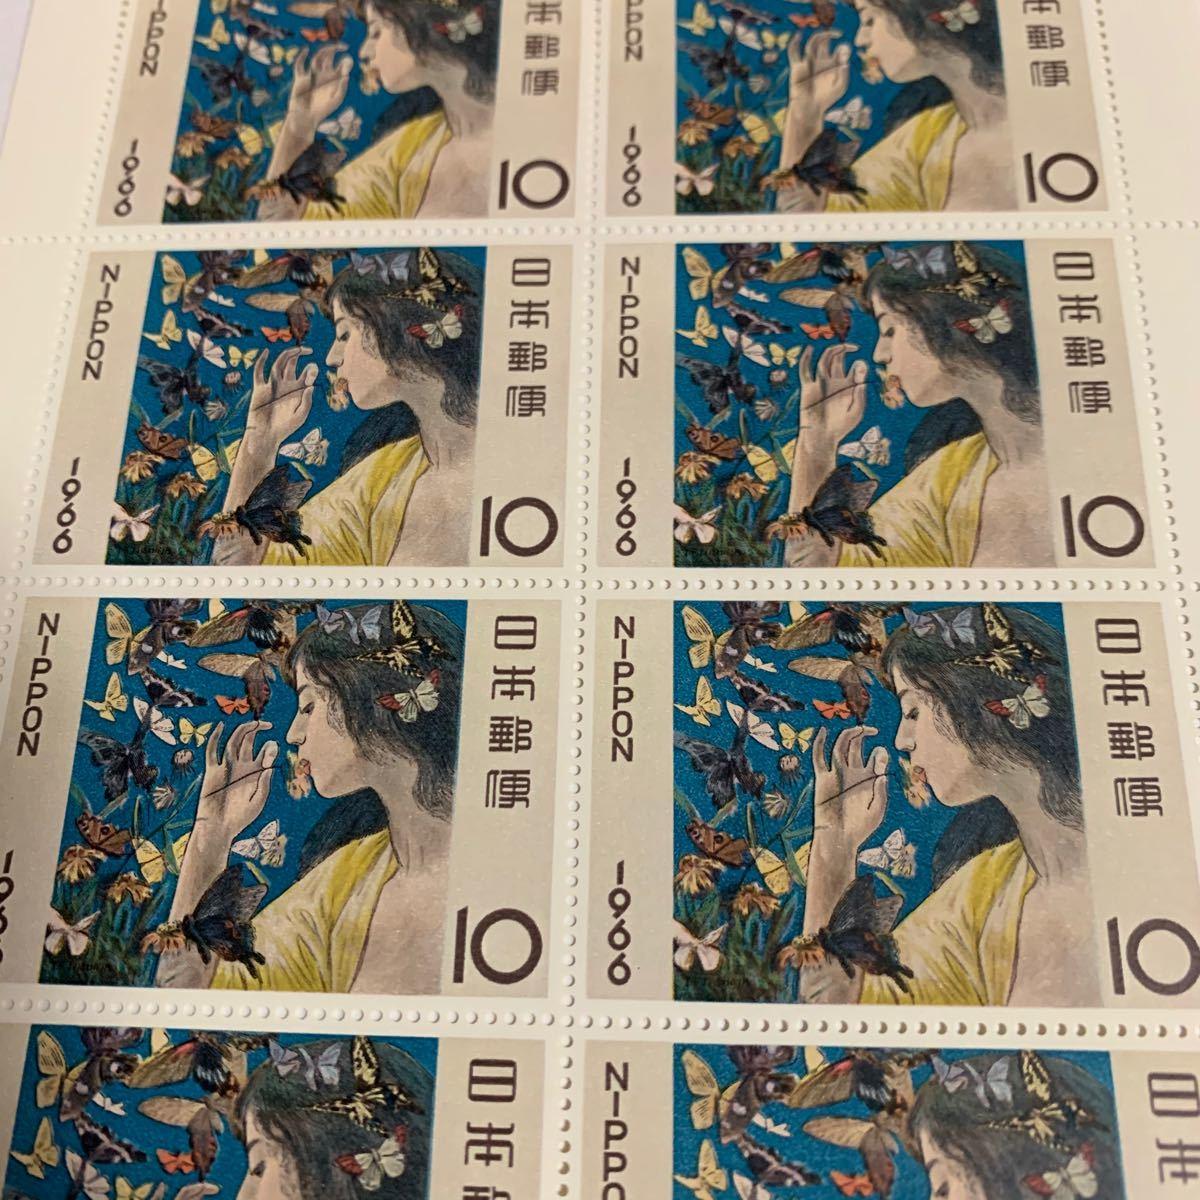 切手趣味週間 蝶 昭和41年 切手 切手シート 日本切手 記念切手